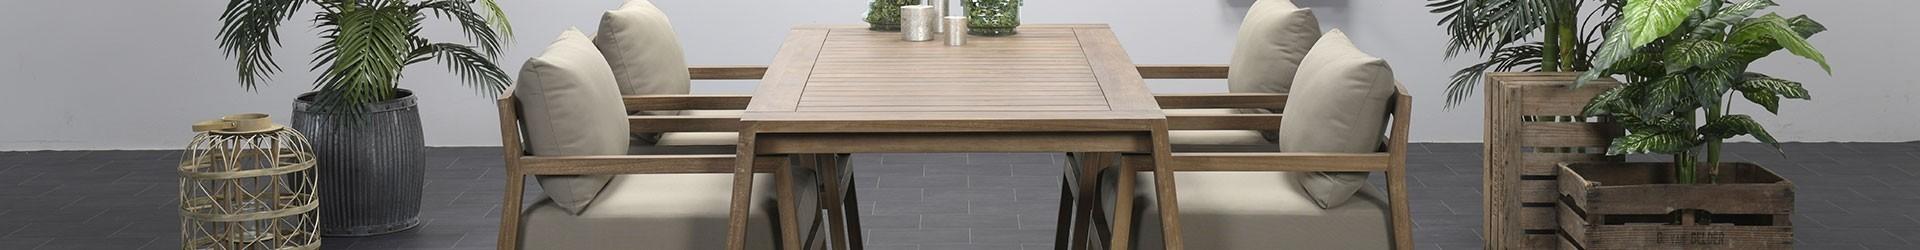 Goede Garden Impressions tuintafels - Tuin tafel collectie CV-49